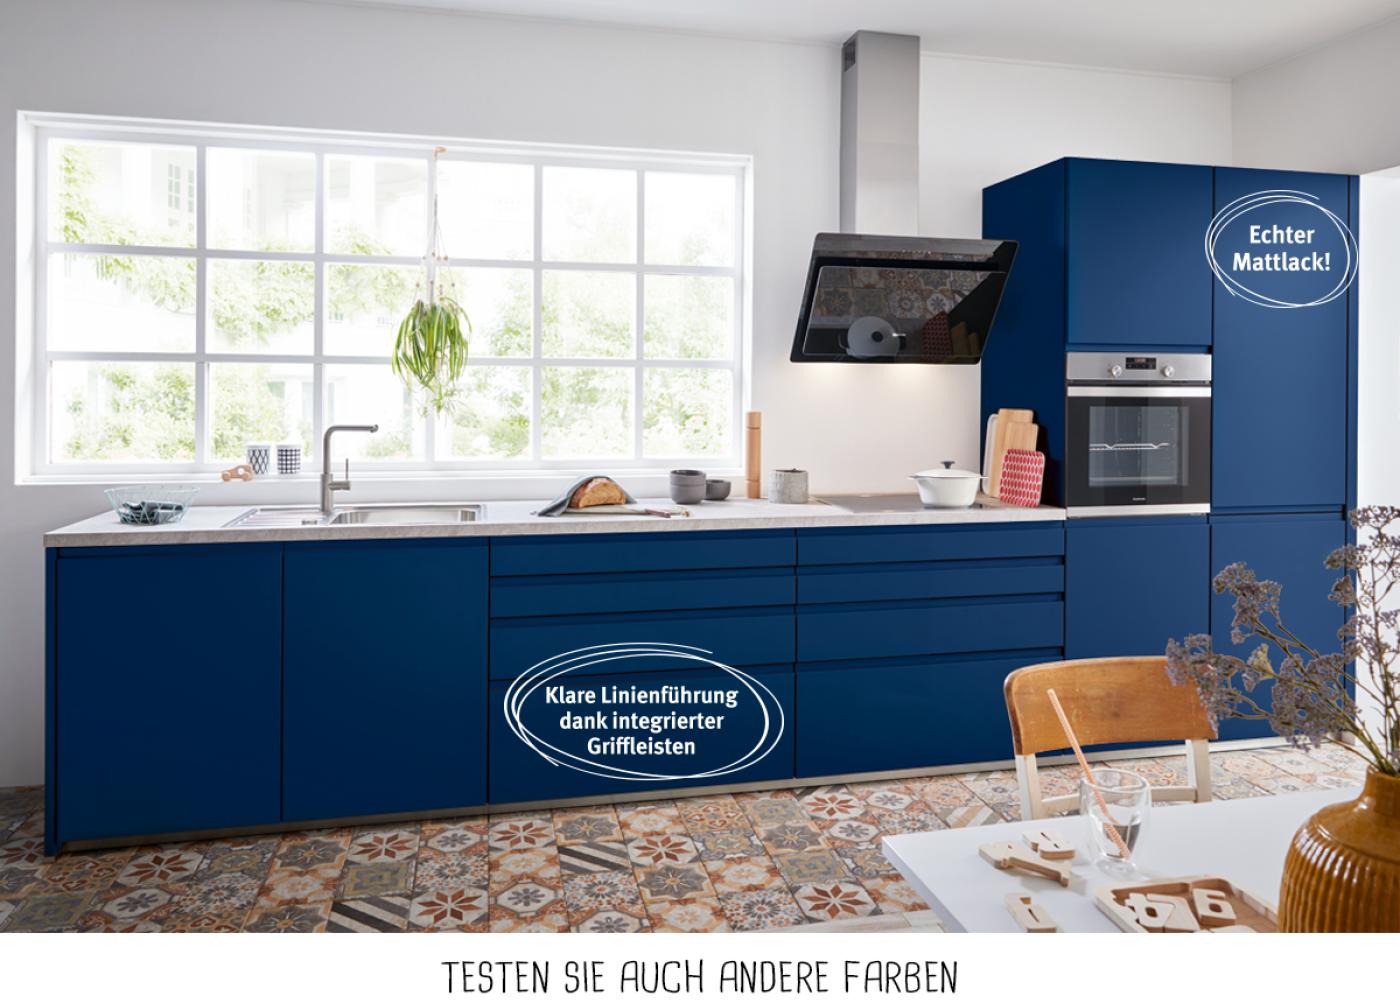 Design-Küchenzeile mit Fronten Aquablau und reduzierten Eingriffleisten.